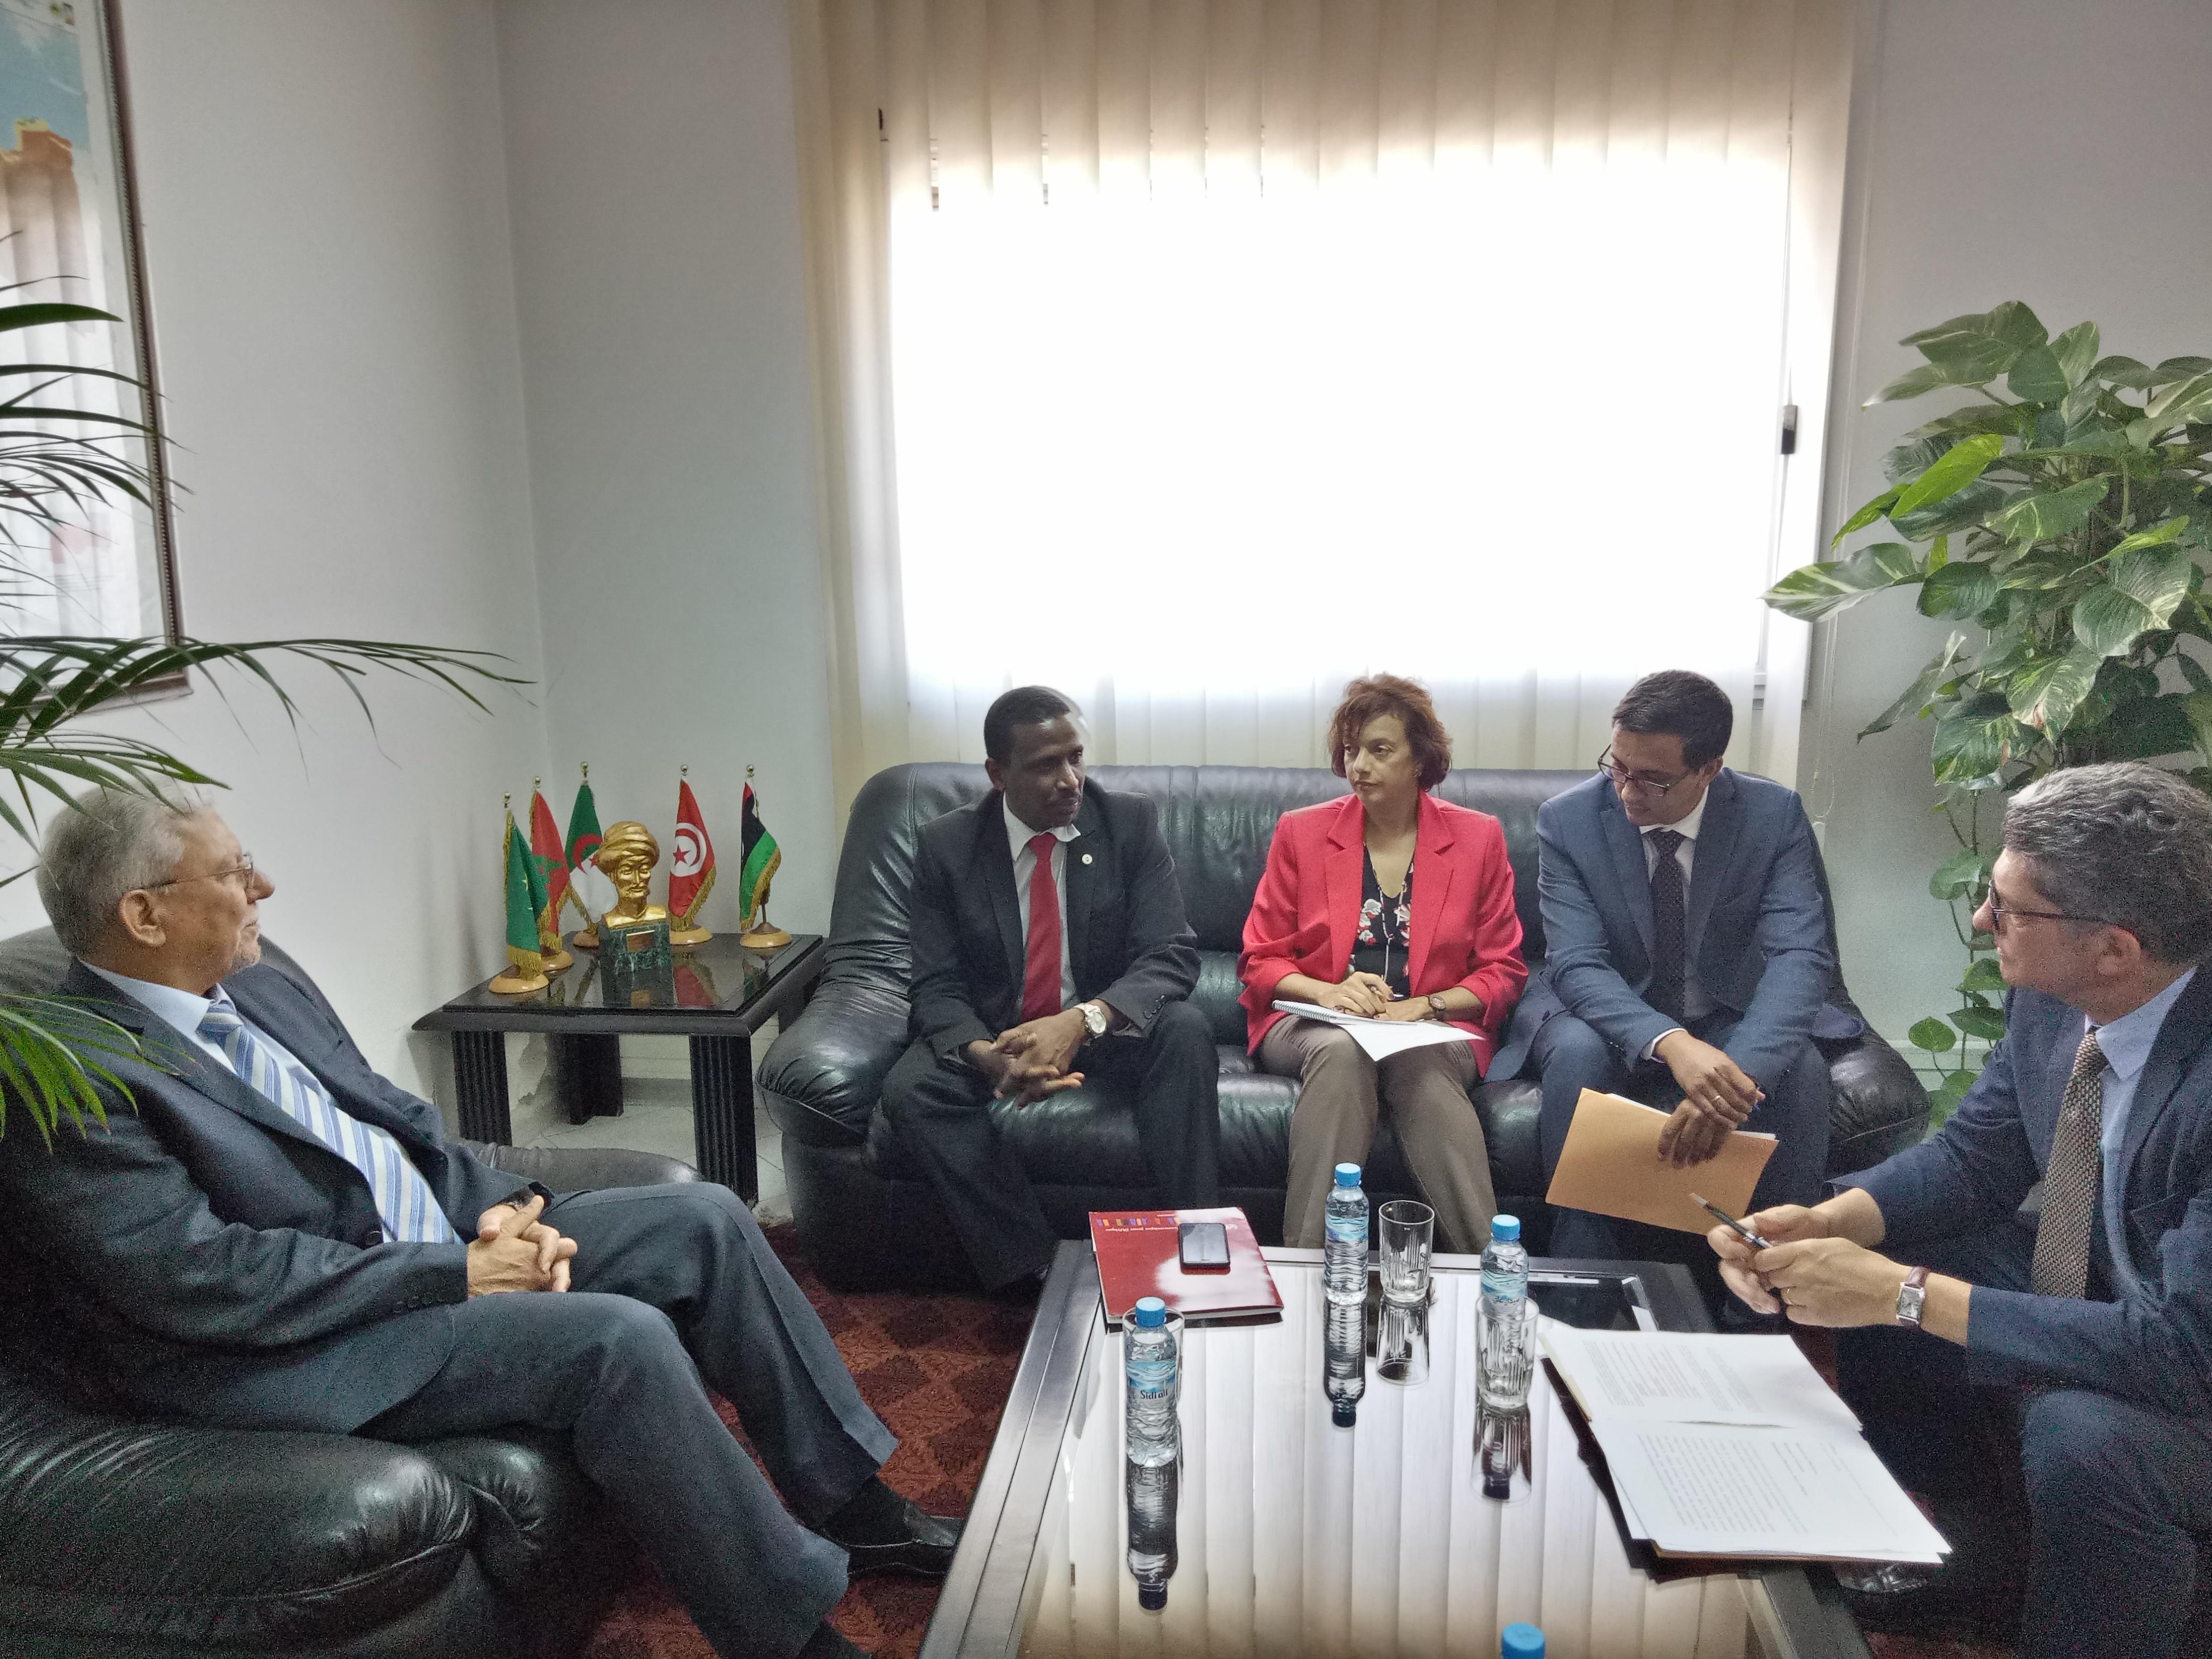 لجنة الأمم المتحدة الاقتصادية لشمال أفريقيا في زيارة عمل إلى                                                     الأمانة العامة لاتحاد المغرب العربي